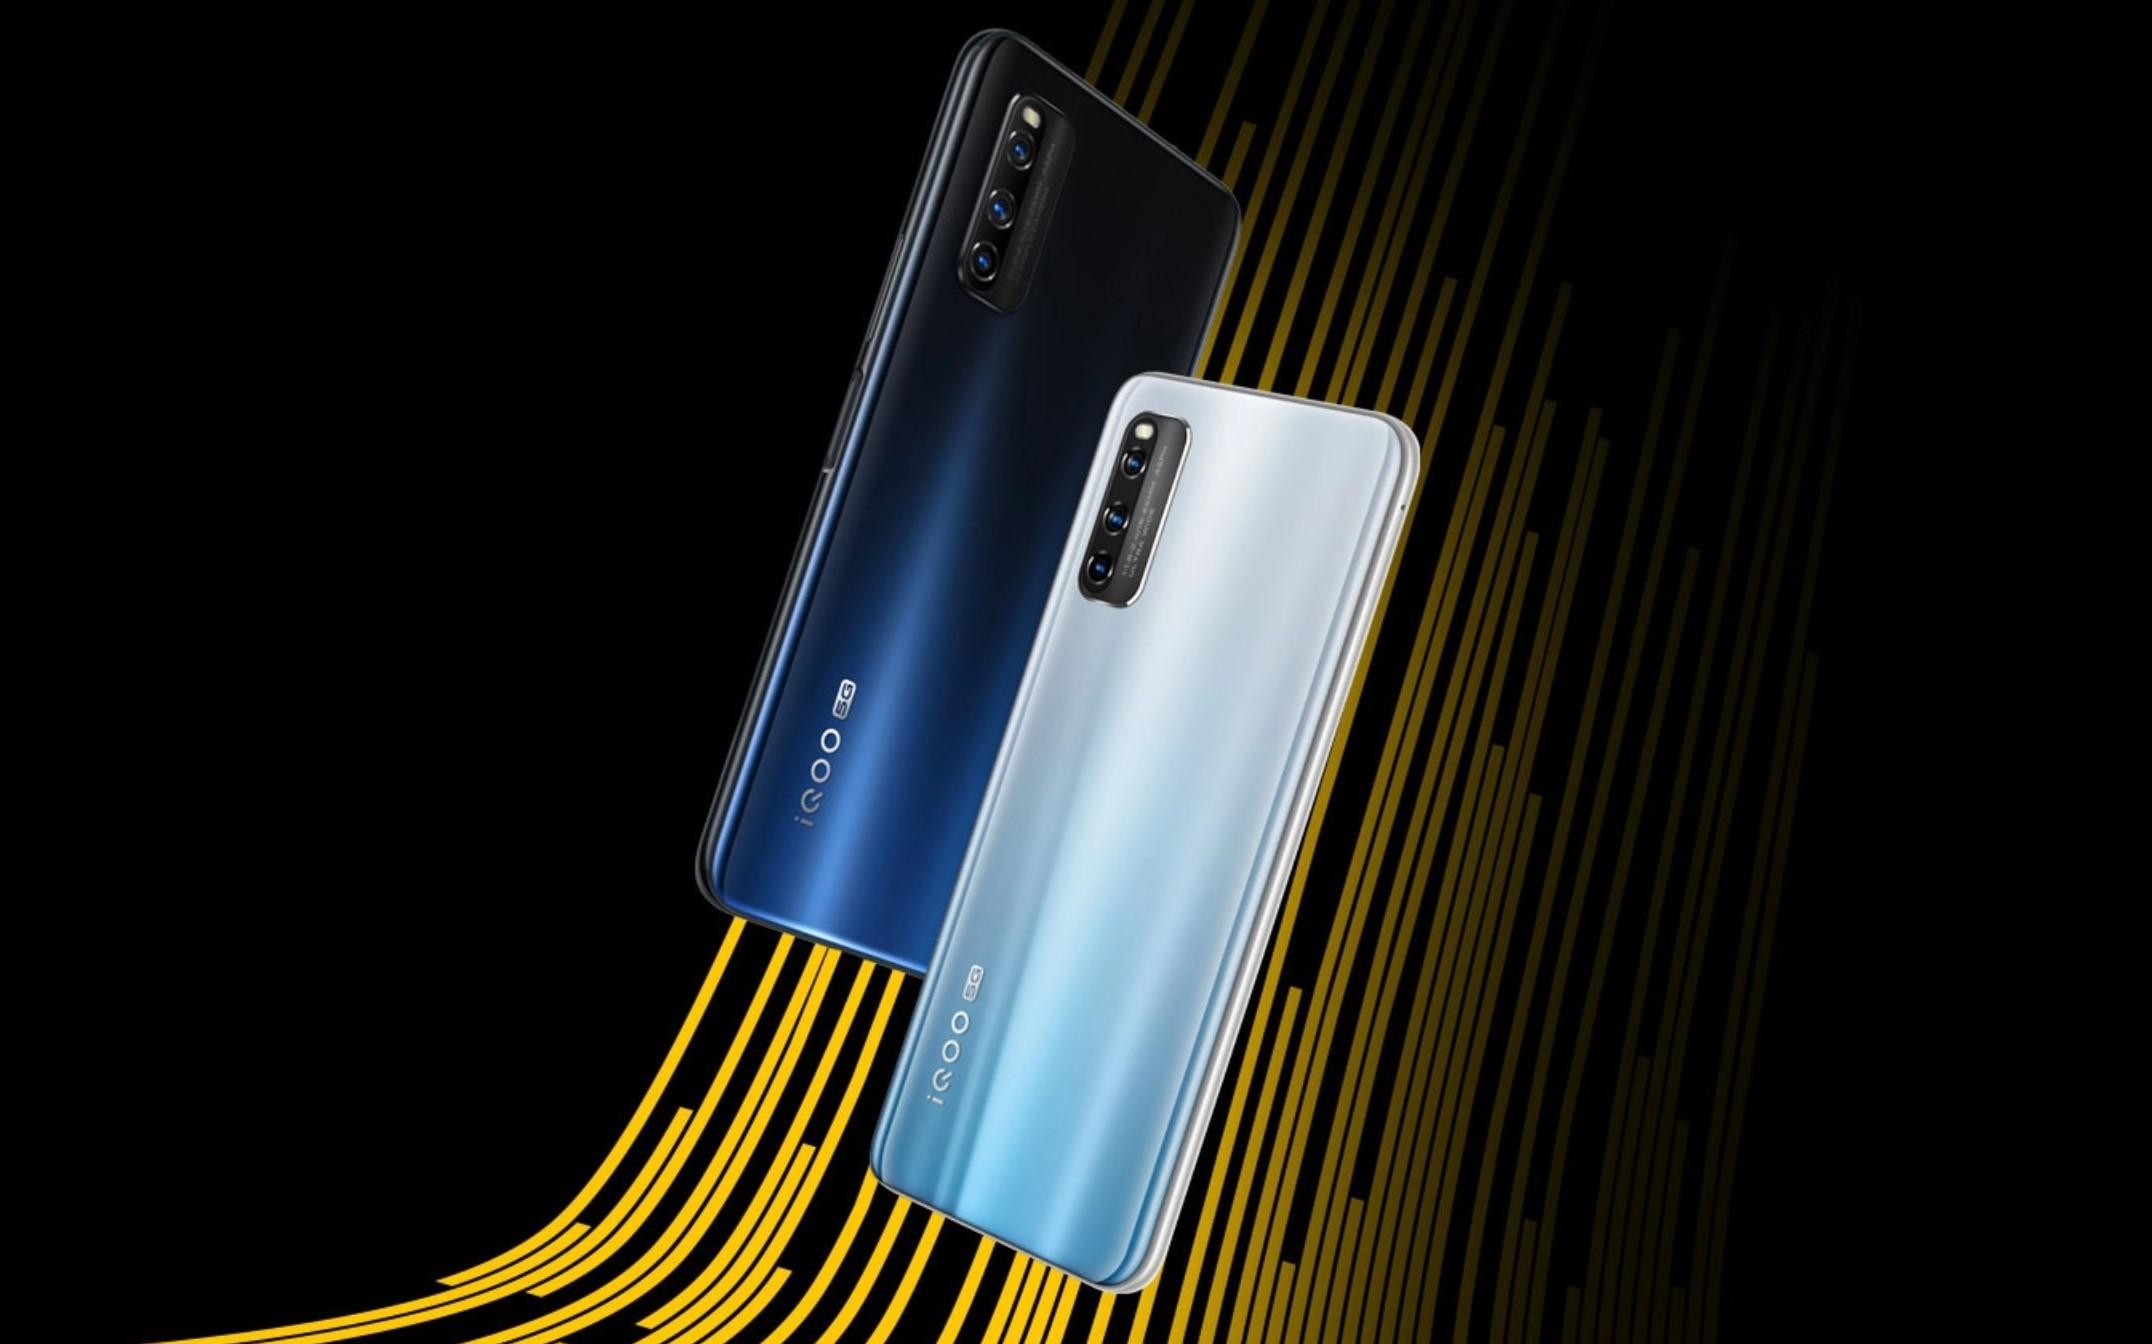 Vivo ma coś dla mobilnych graczy o mniej zasobnych portfelach. Oto smartfon IQOO U1x